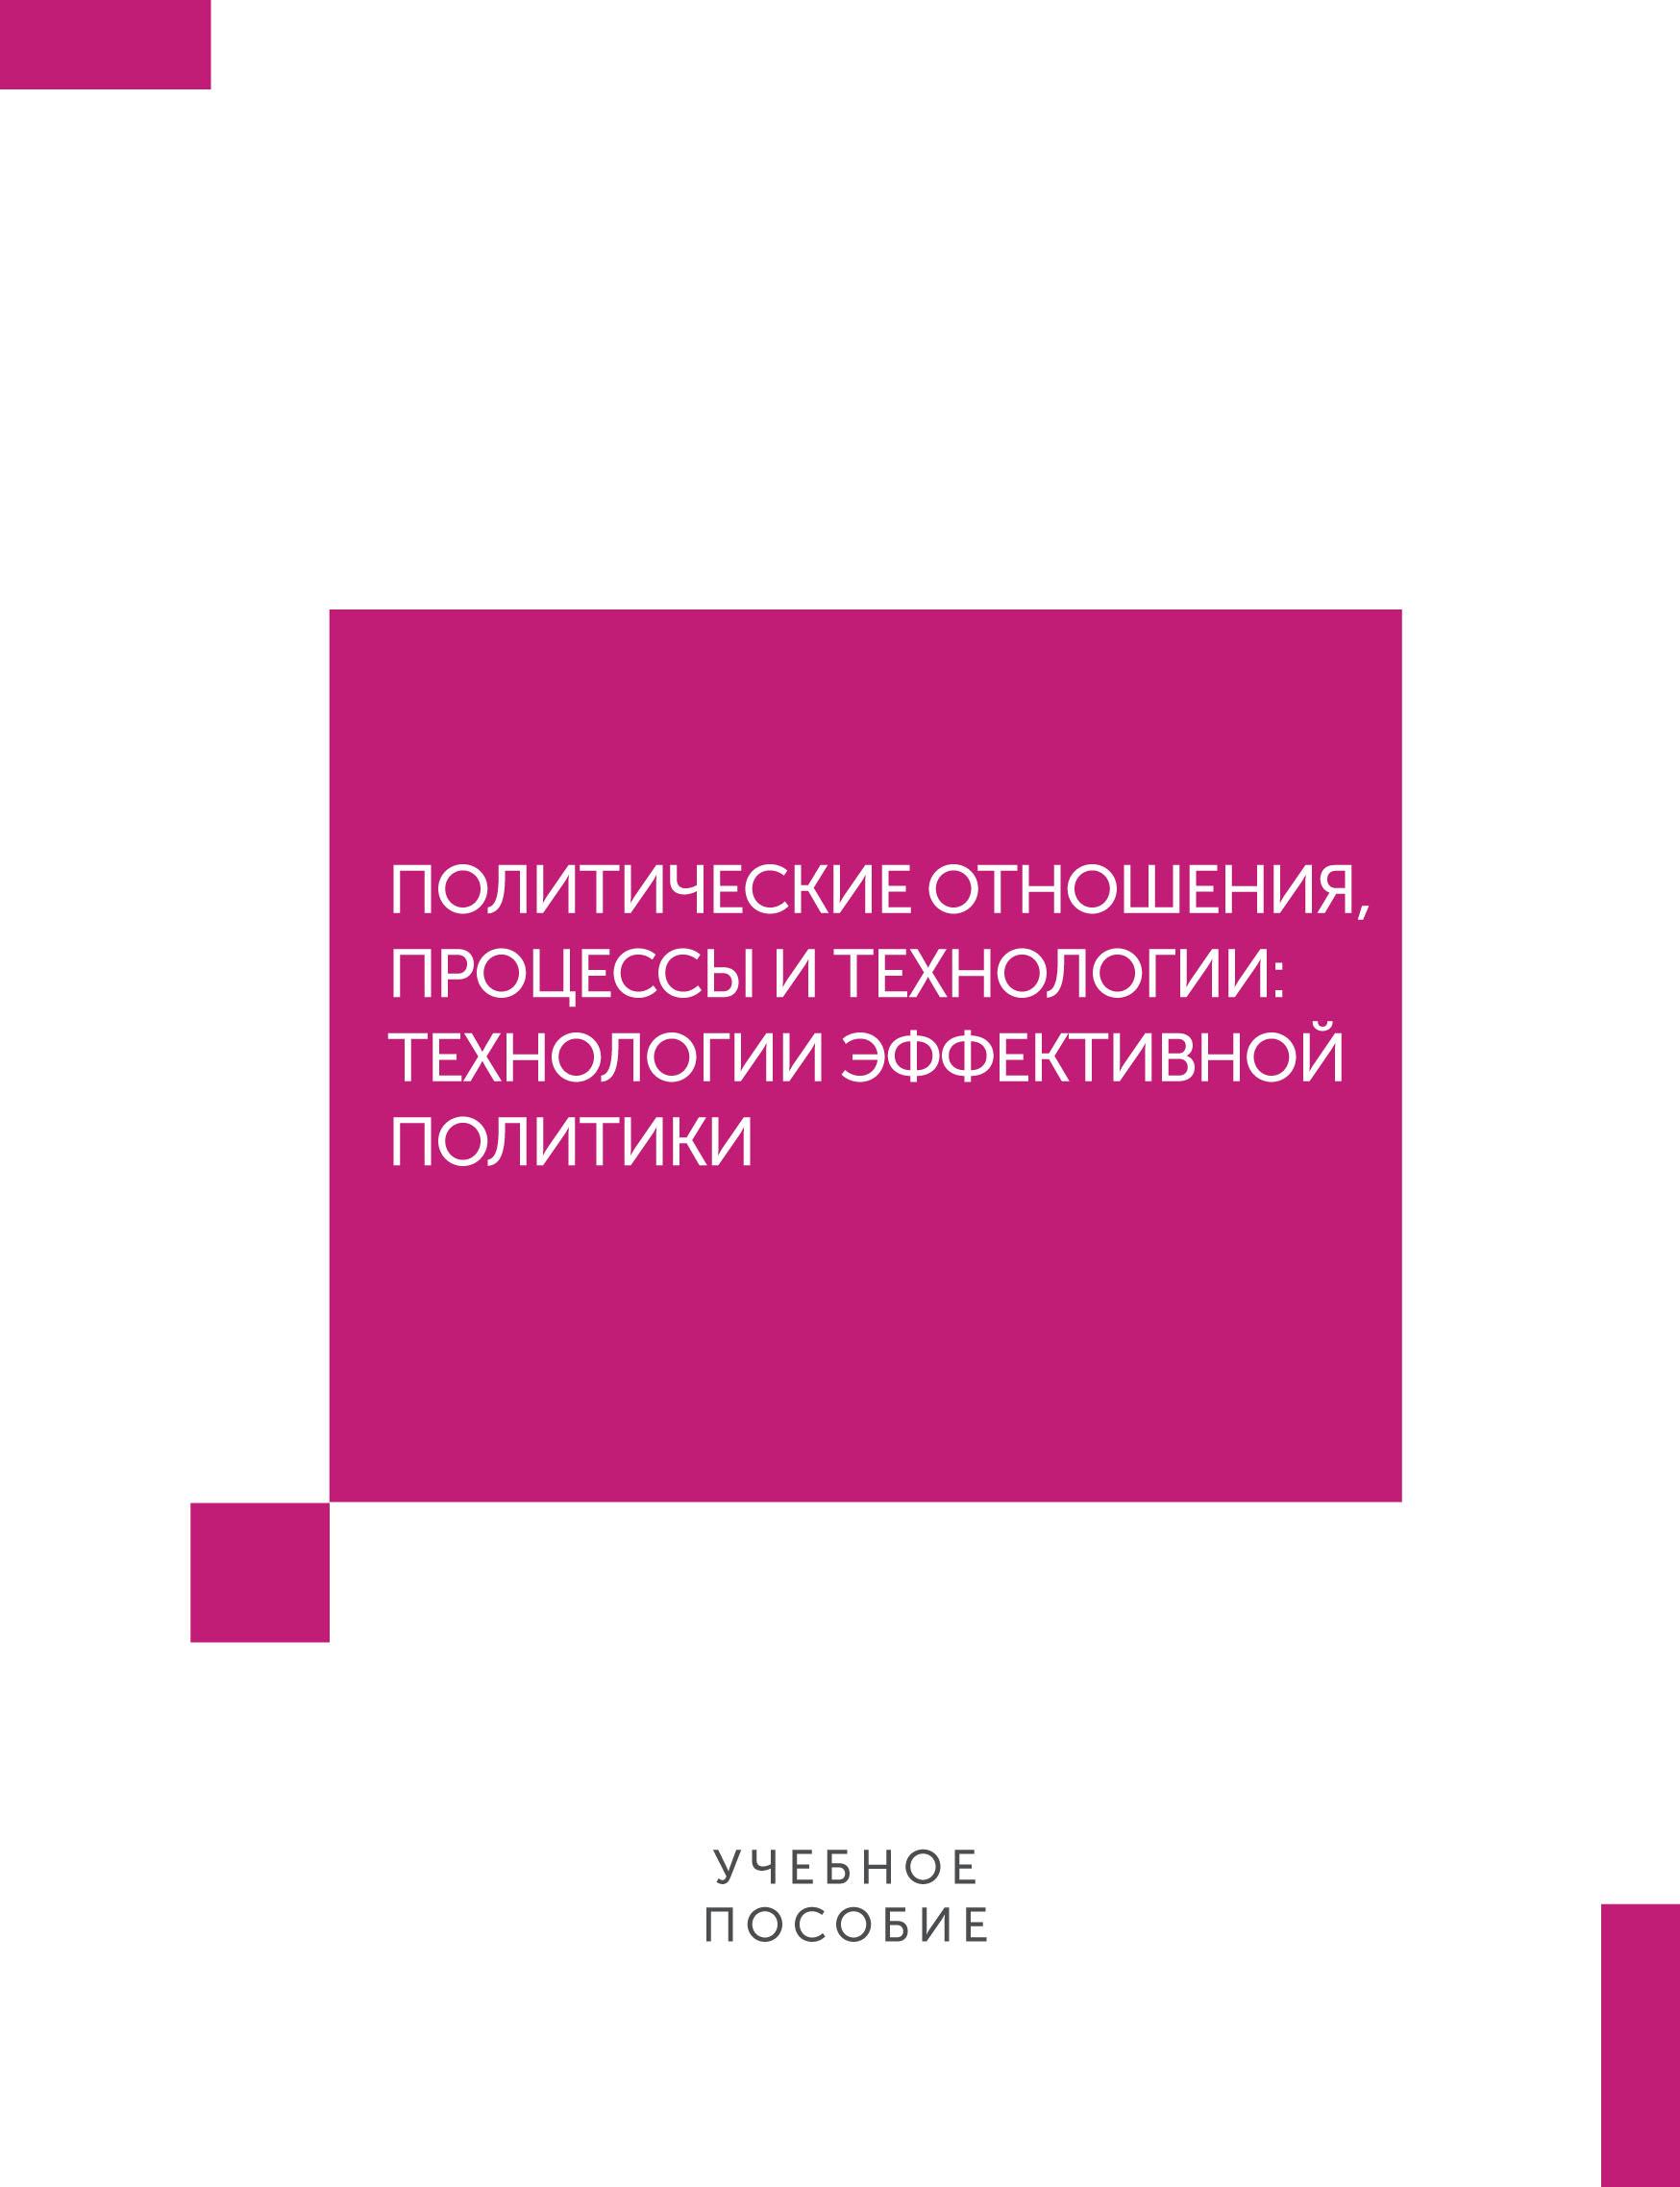 Политические отношения, процессы и технологии: технологии эффективной политики